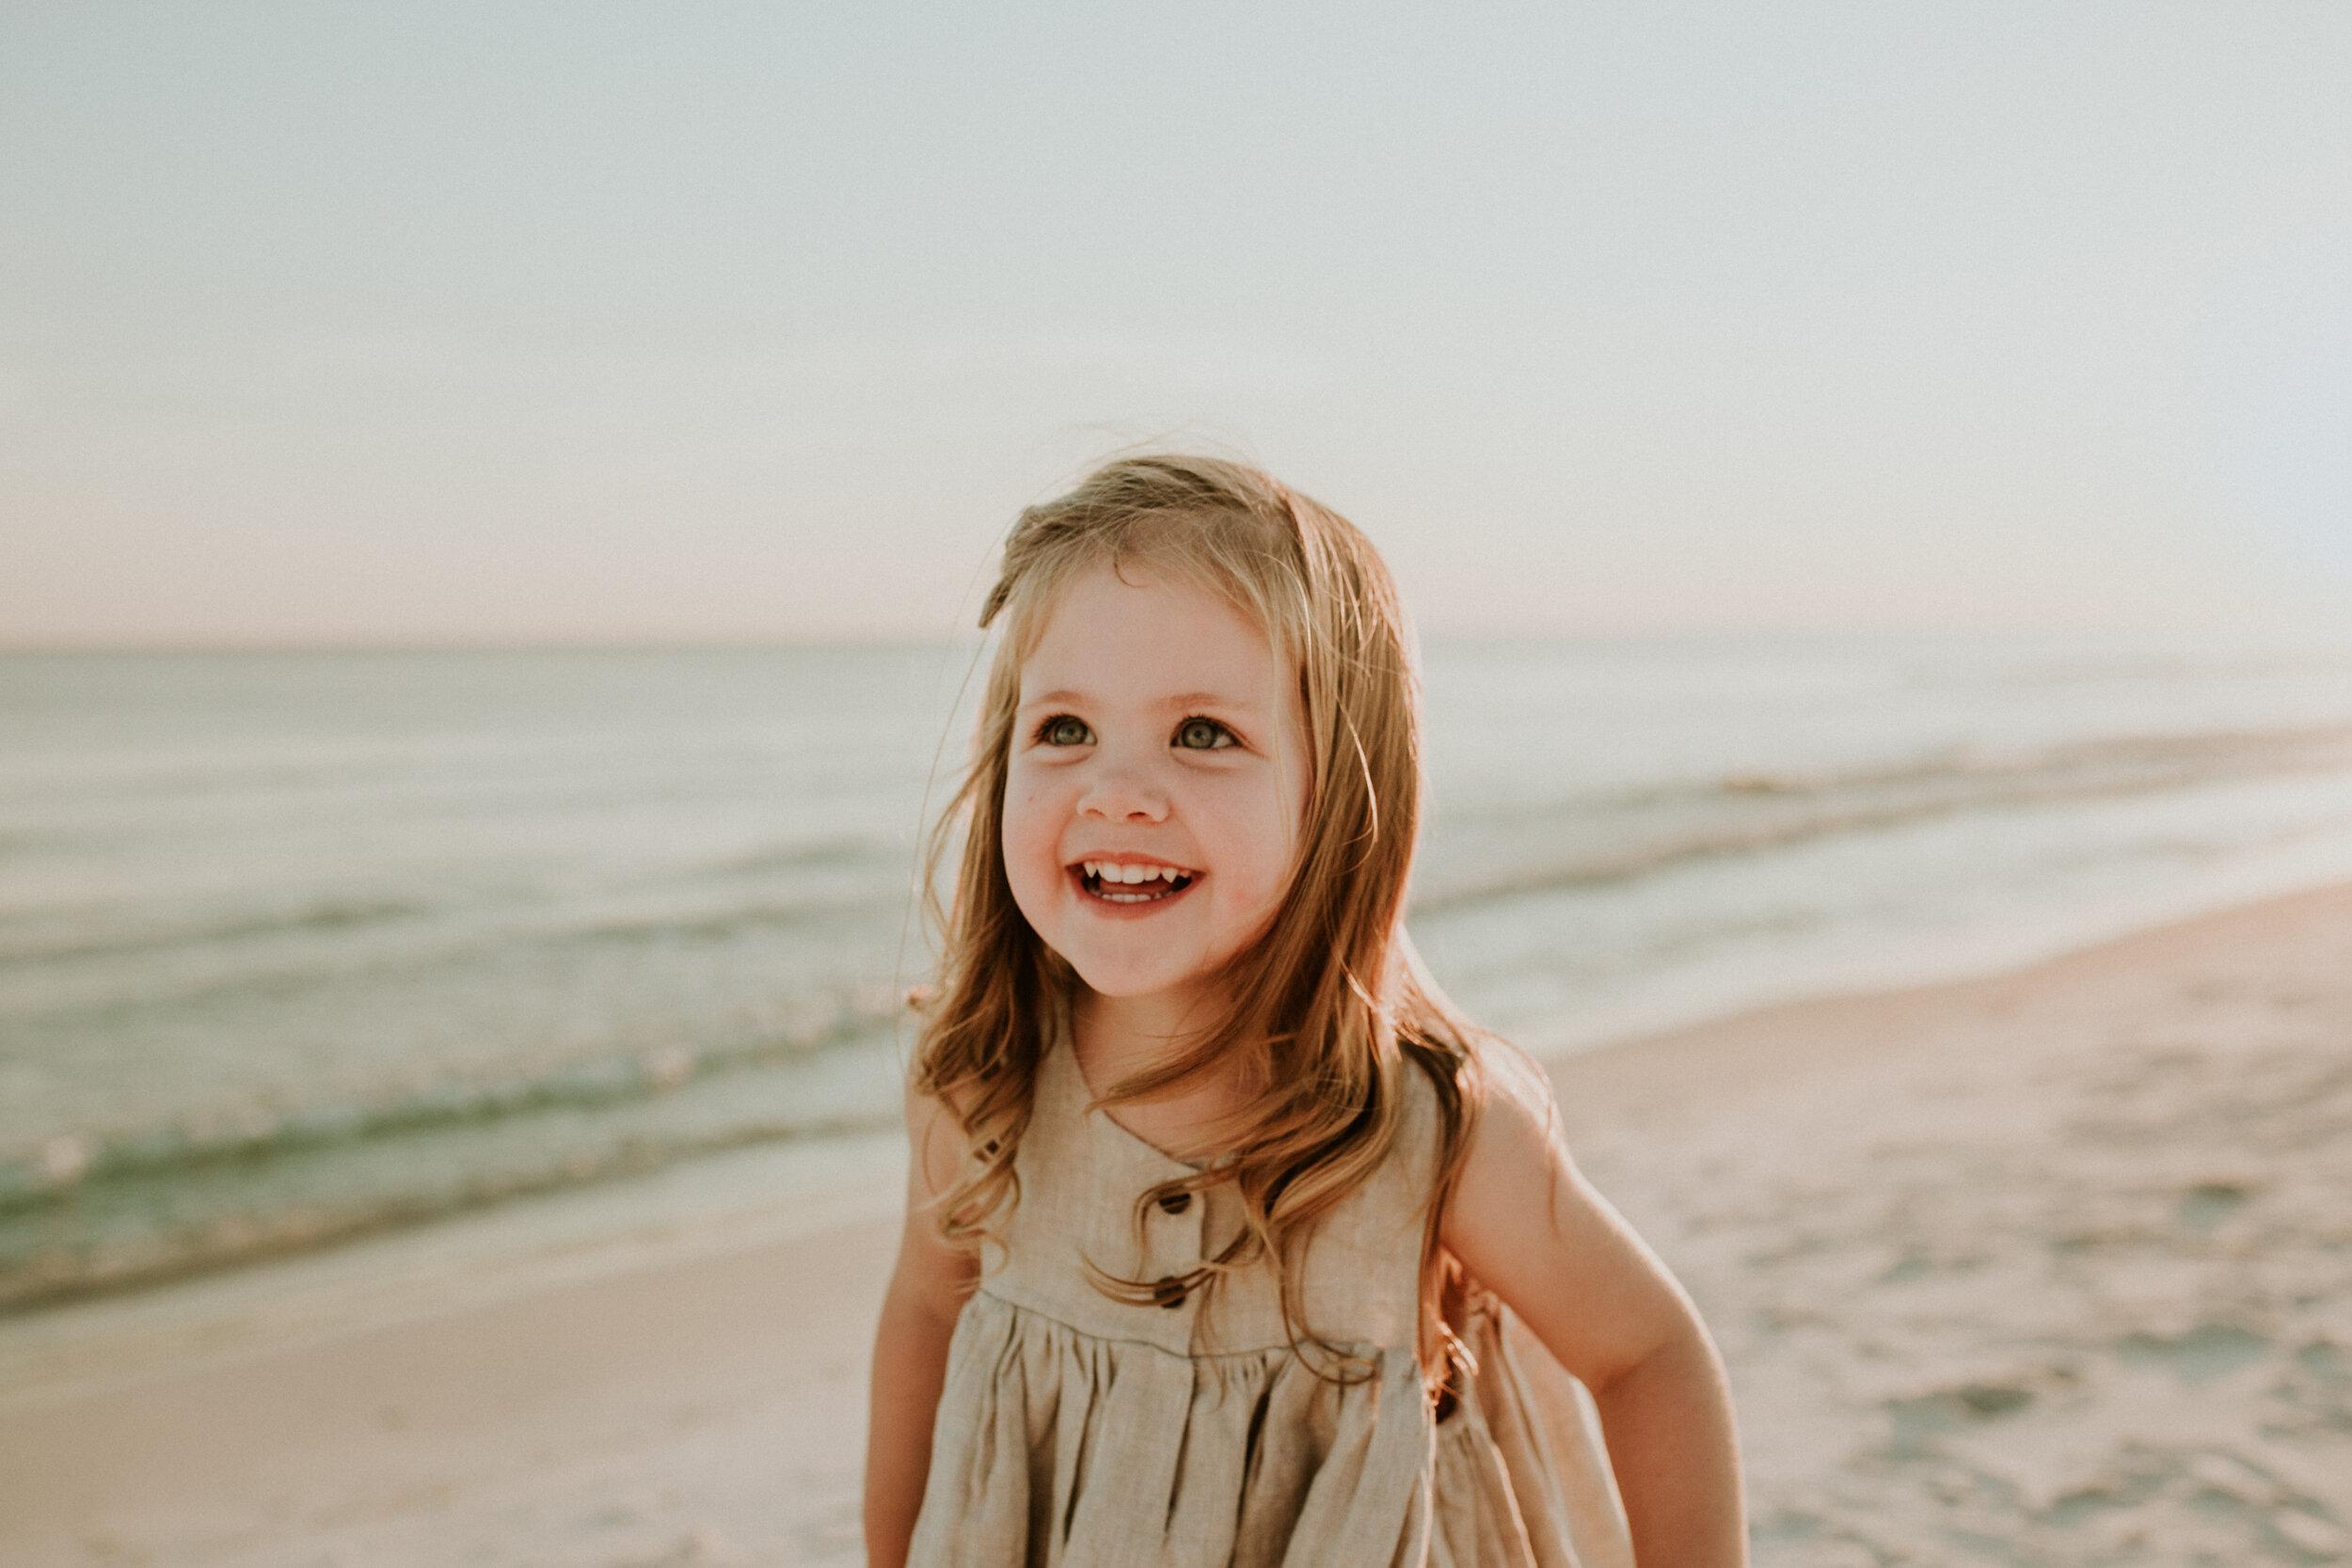 30a_Destin_Watersound_Florida_Family_Photographer_Beach_Photos-45.jpg